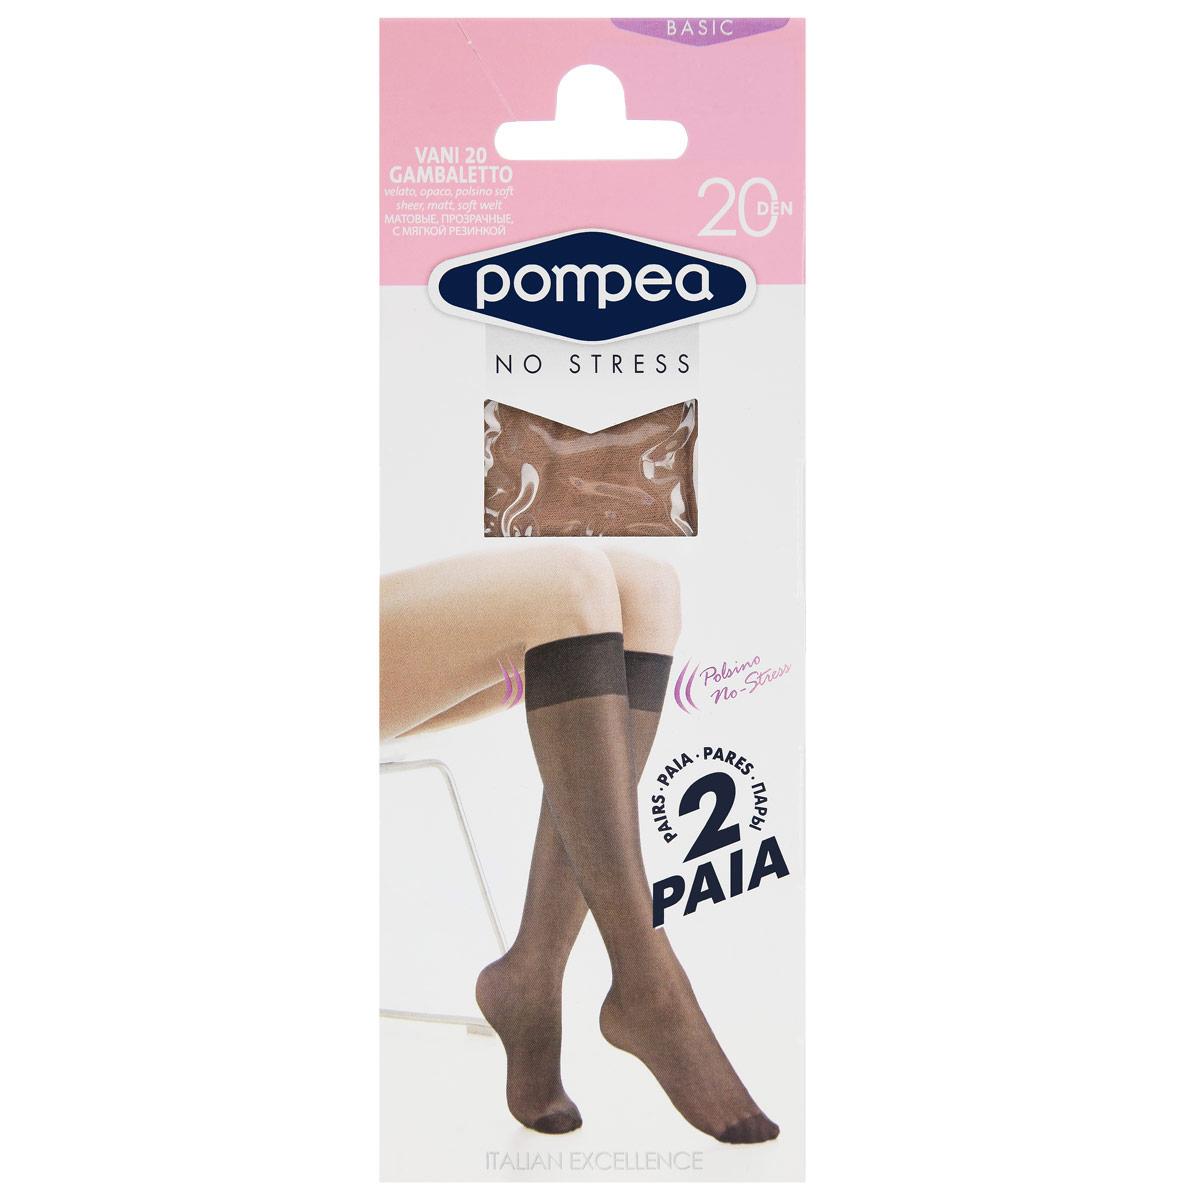 Гольфы женские Pompea Vani Gambaletto 20, 2 пары90720450 ClaroМатовые прозрачные гольфы Pompea Vani Gambaletto плотностью 20 Ден, для повседневной носки, с мягкой резинкой, усиленный мысок.